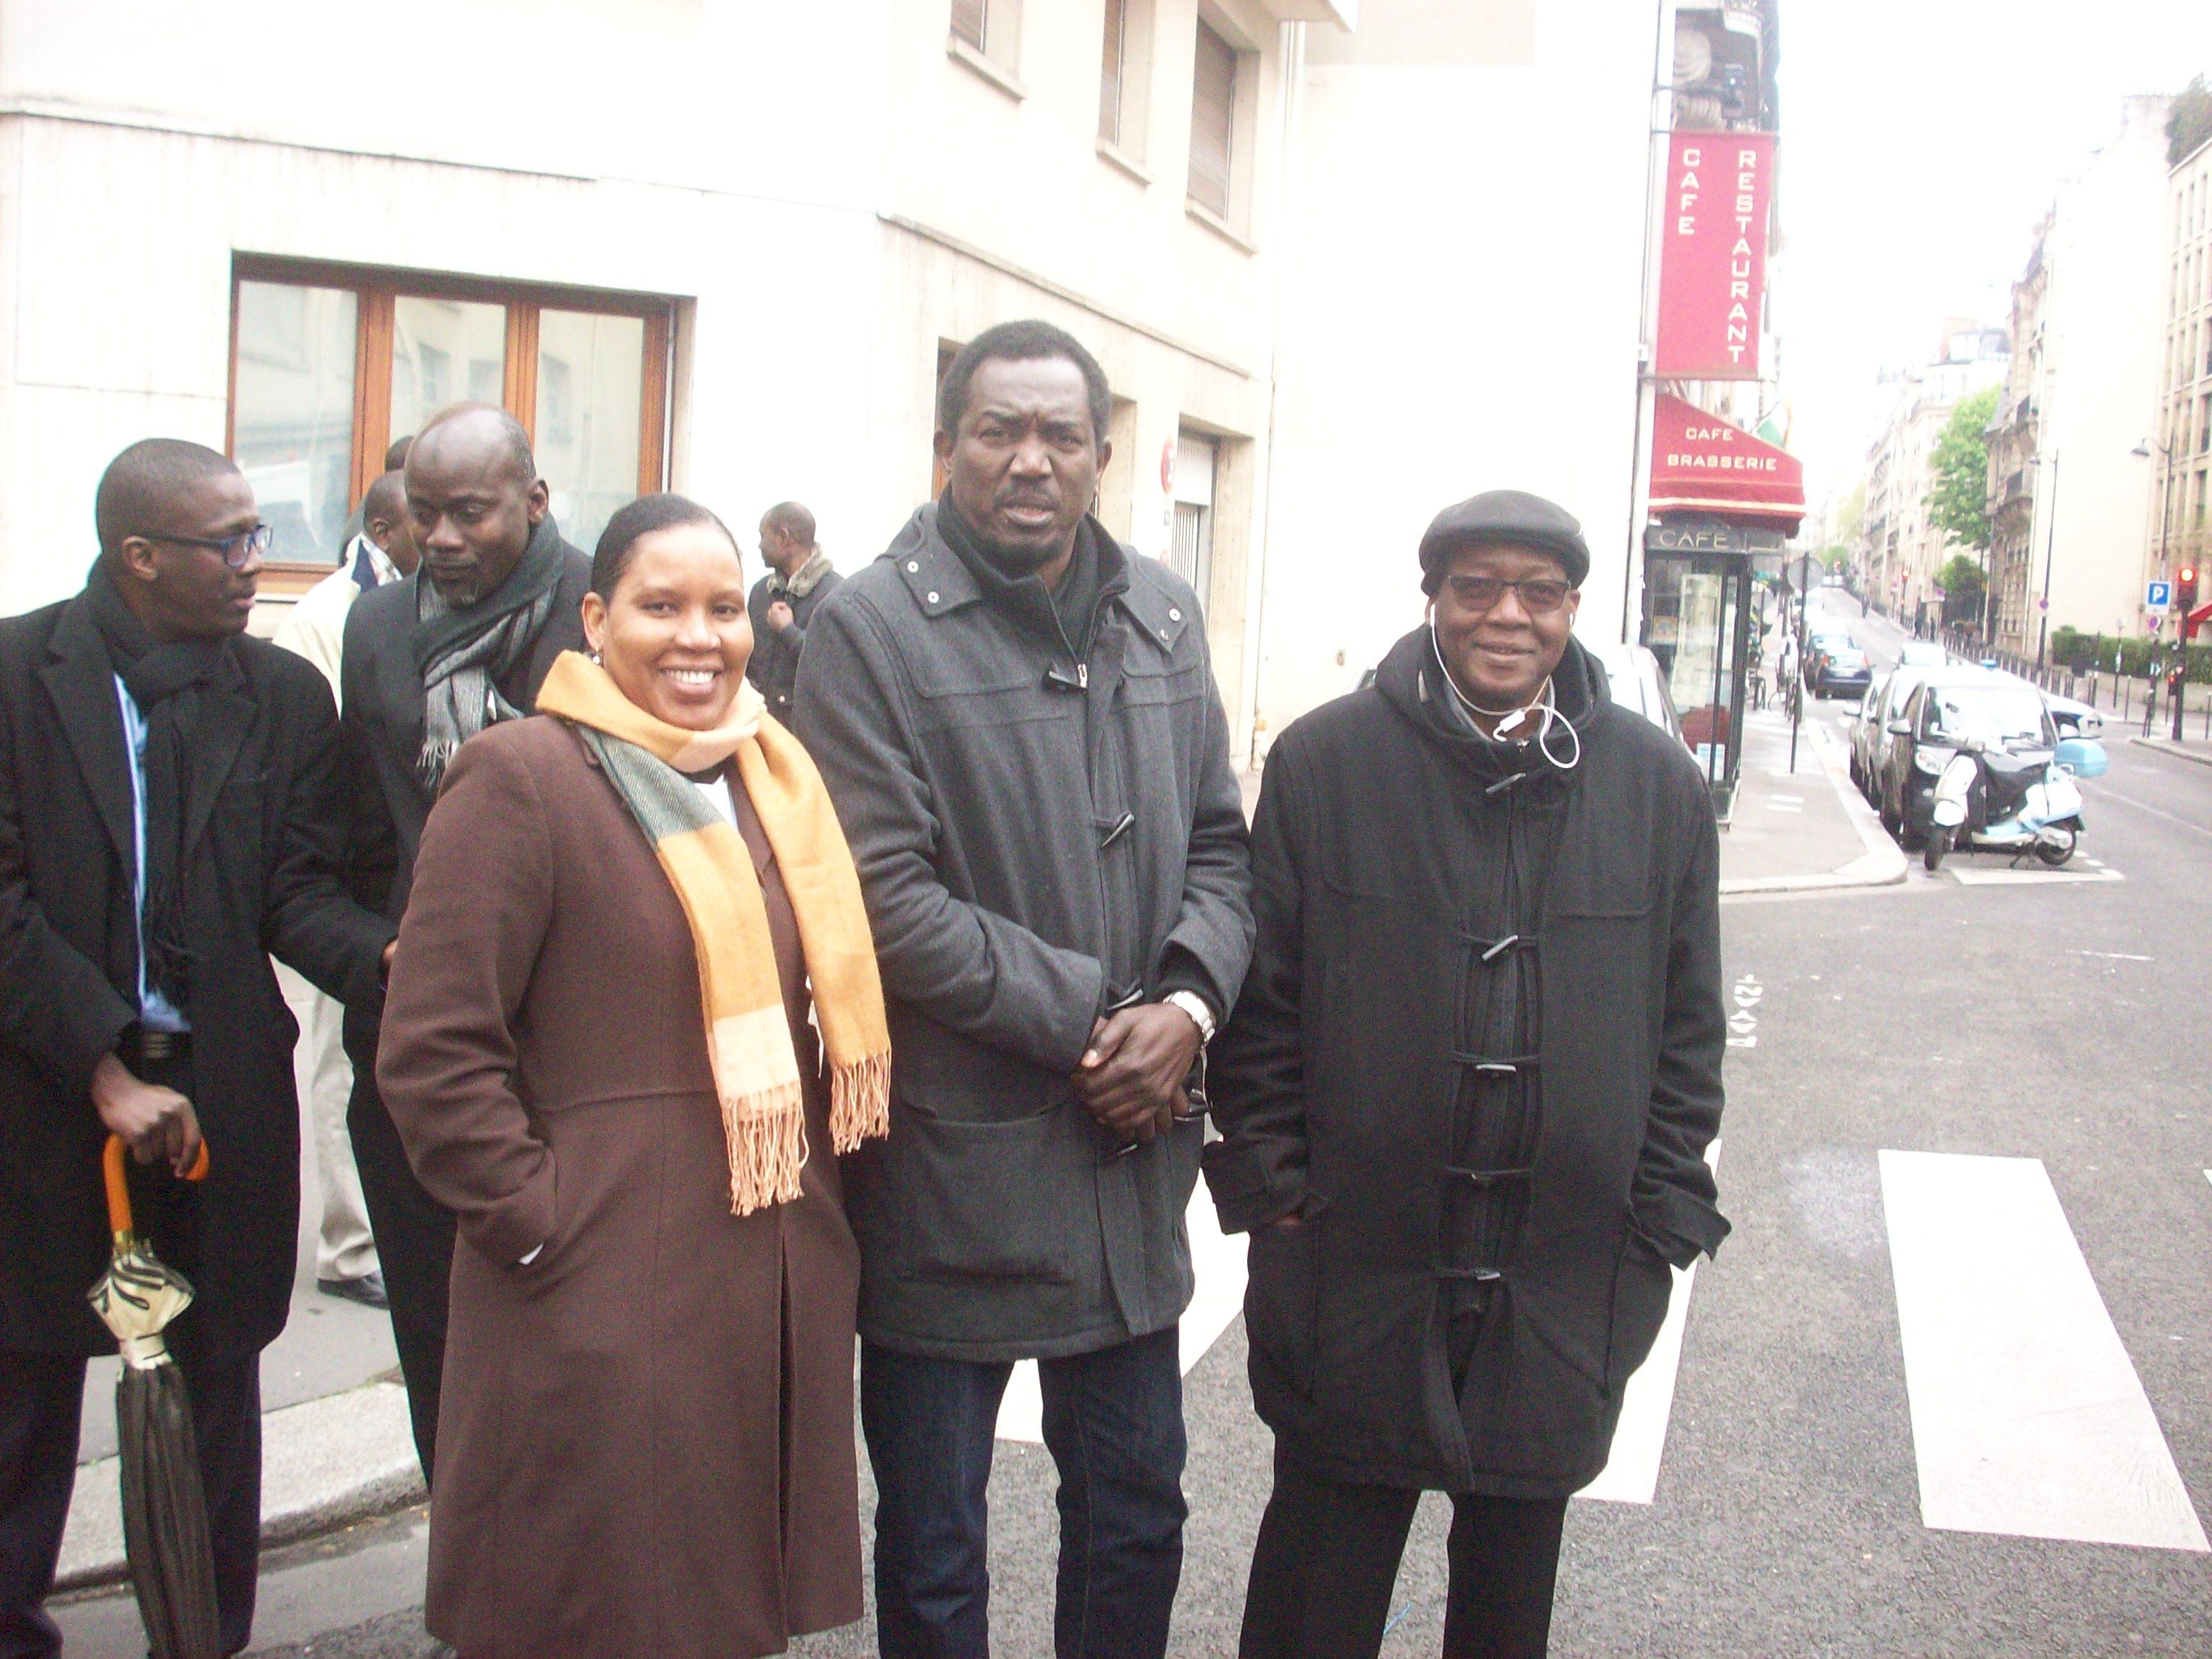 Rougui DIA chargée de l'humanitaire de l'AVOMM en compagnie de Ousmane, Harouna, Abou SARR de l'AVOMM